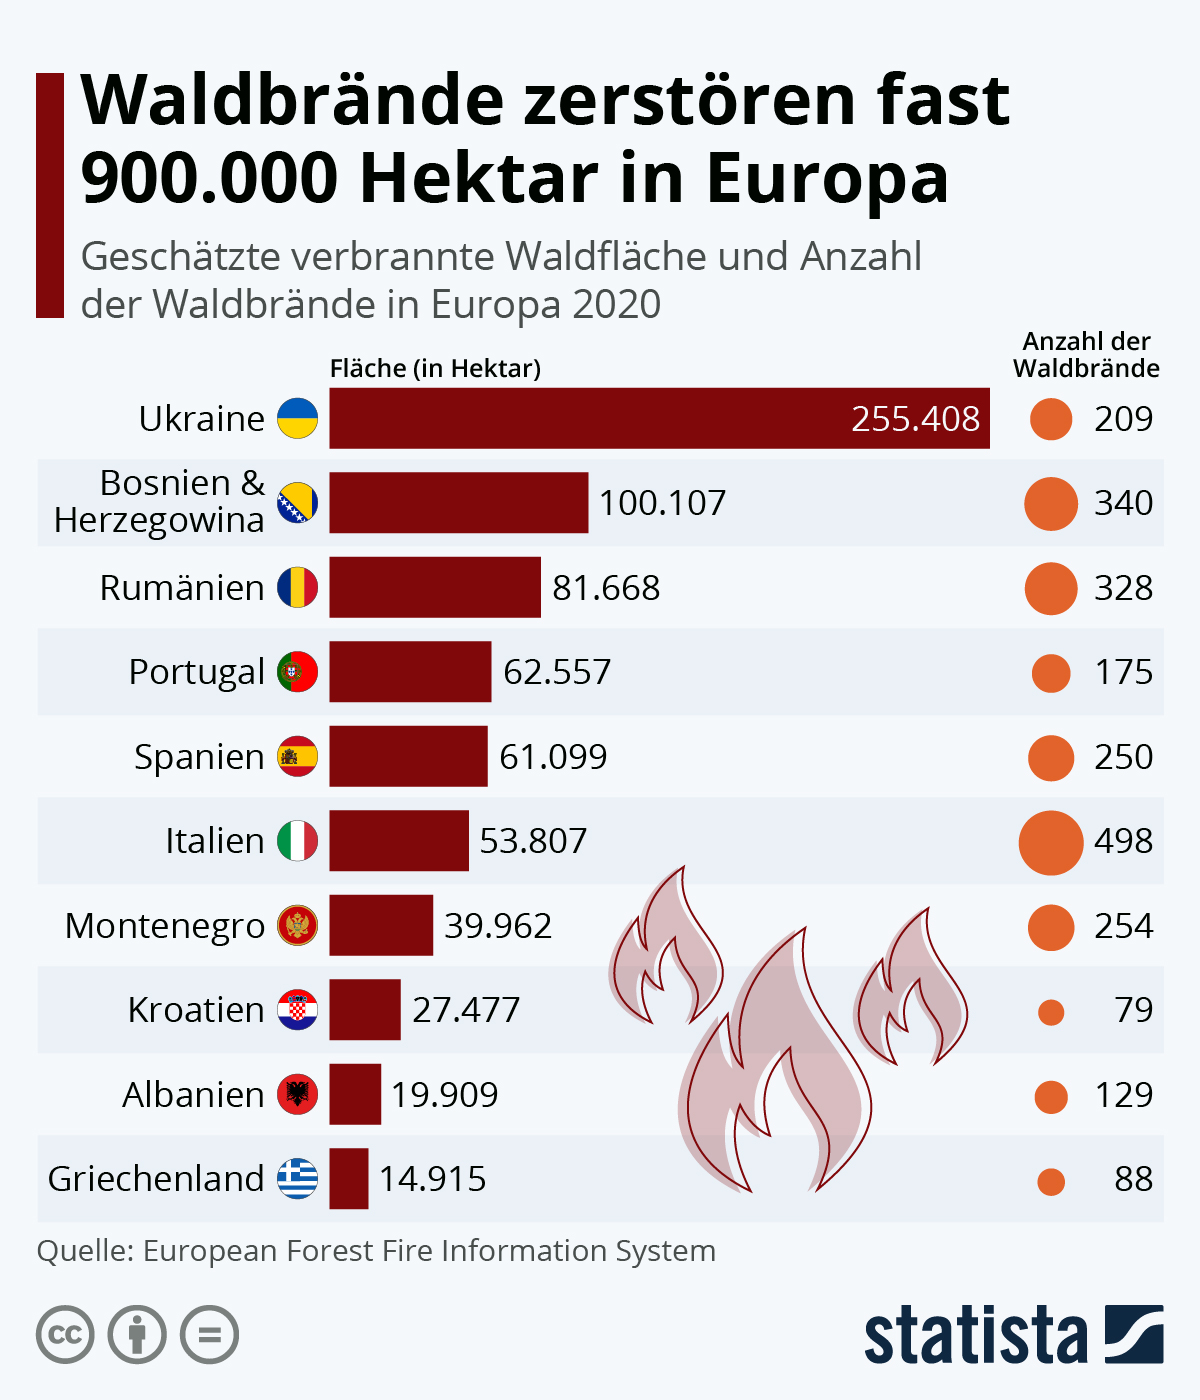 Waldbrände zerstören fast 900.000 Hektar in Europa | Statista